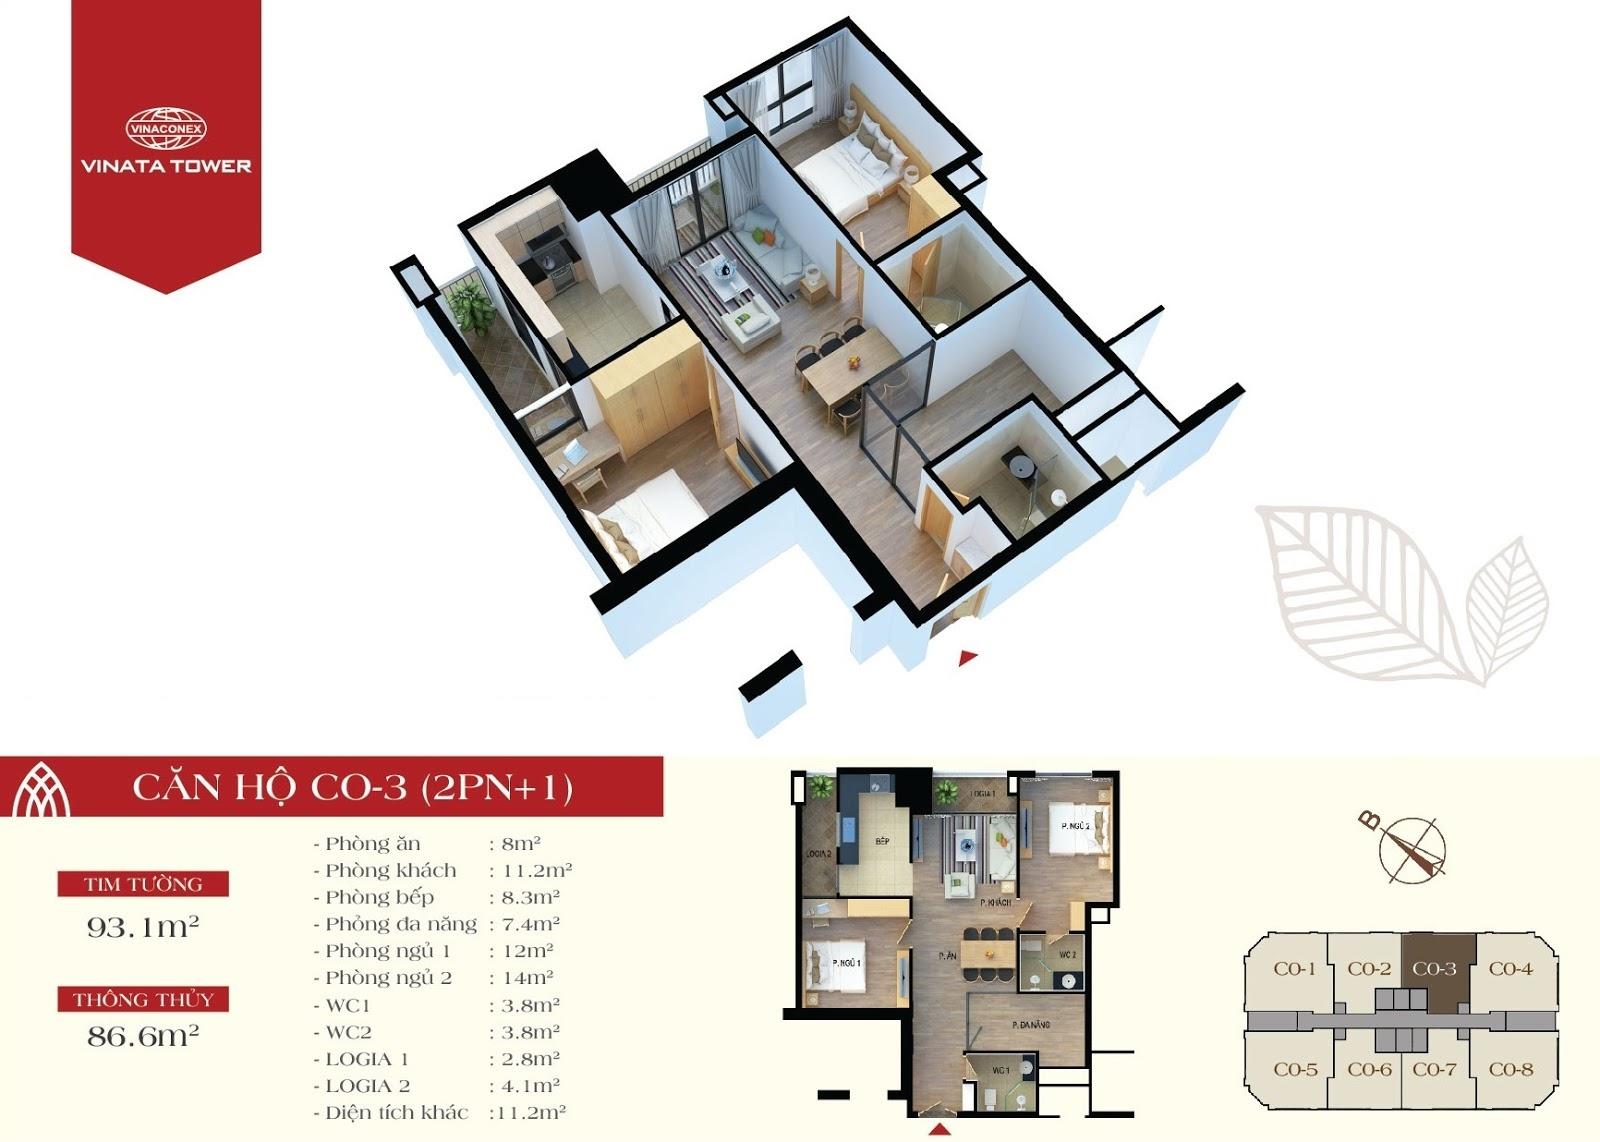 thiết kế vinata tower căn hộ CO3